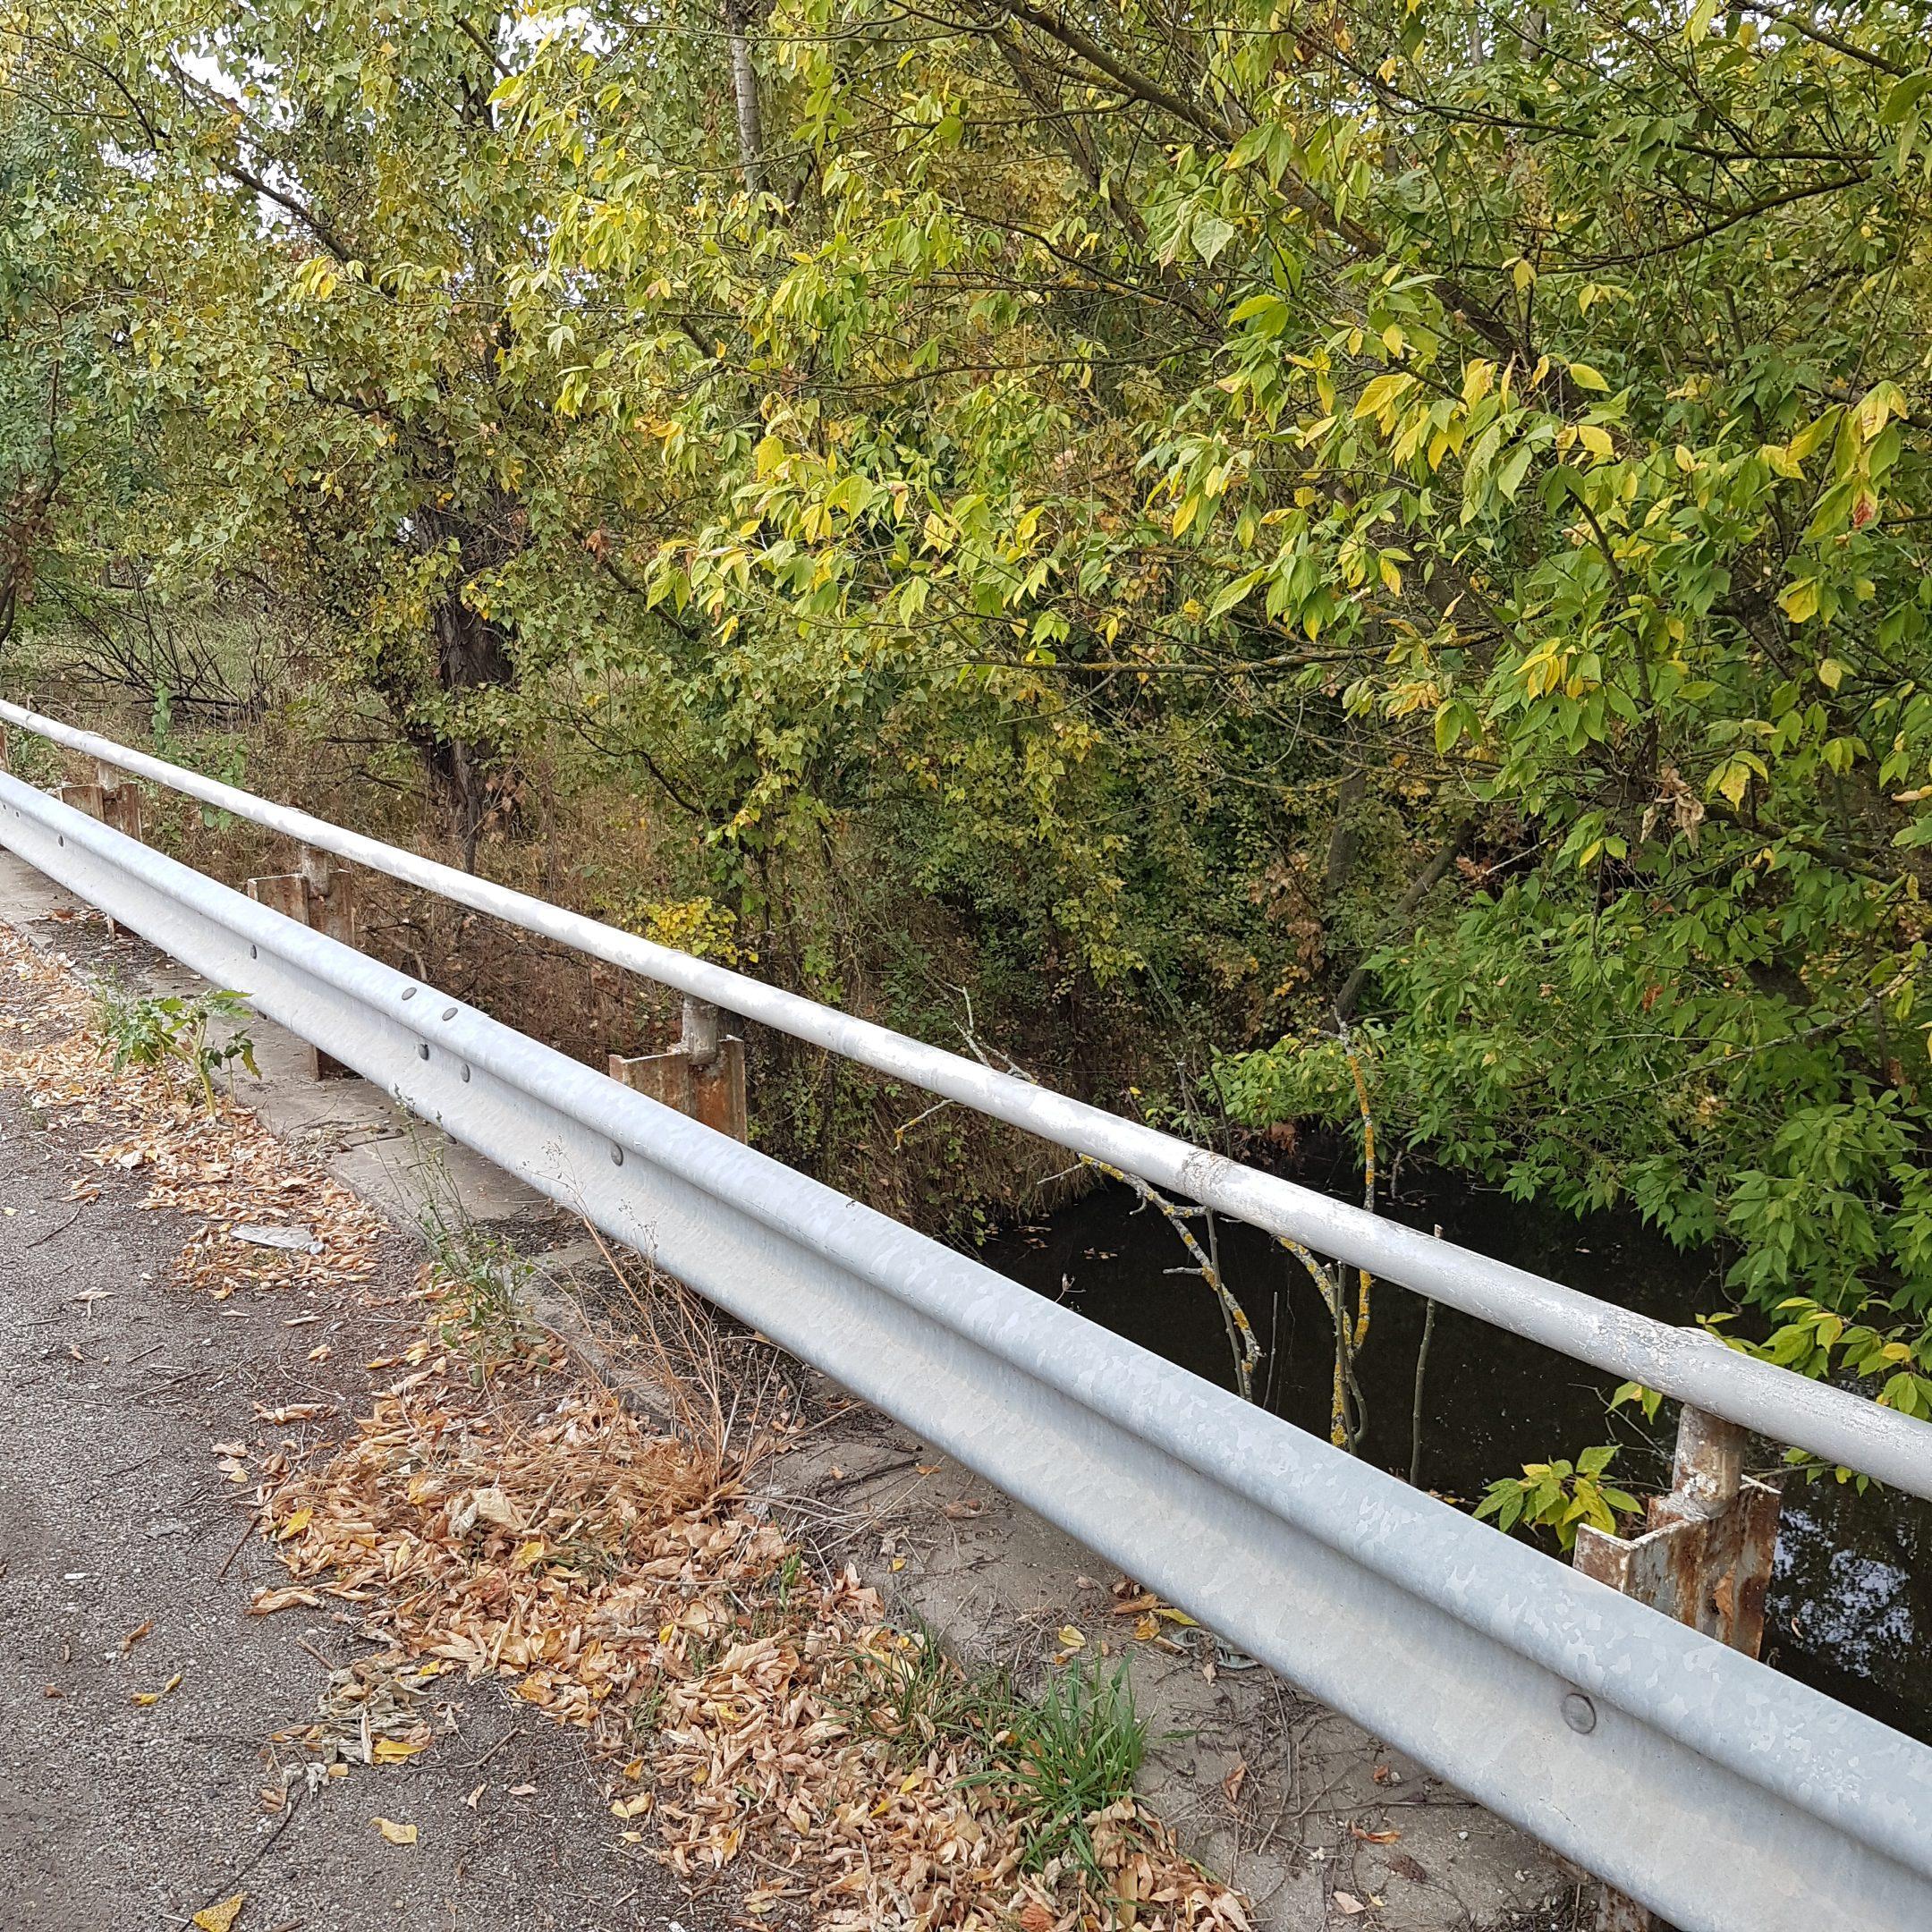 The guardrail hiding the geocache - itstartswithacoffee.com #geocache #geocaching #geocachingHungary #geocachinghide #ihideit #petling #guardrail